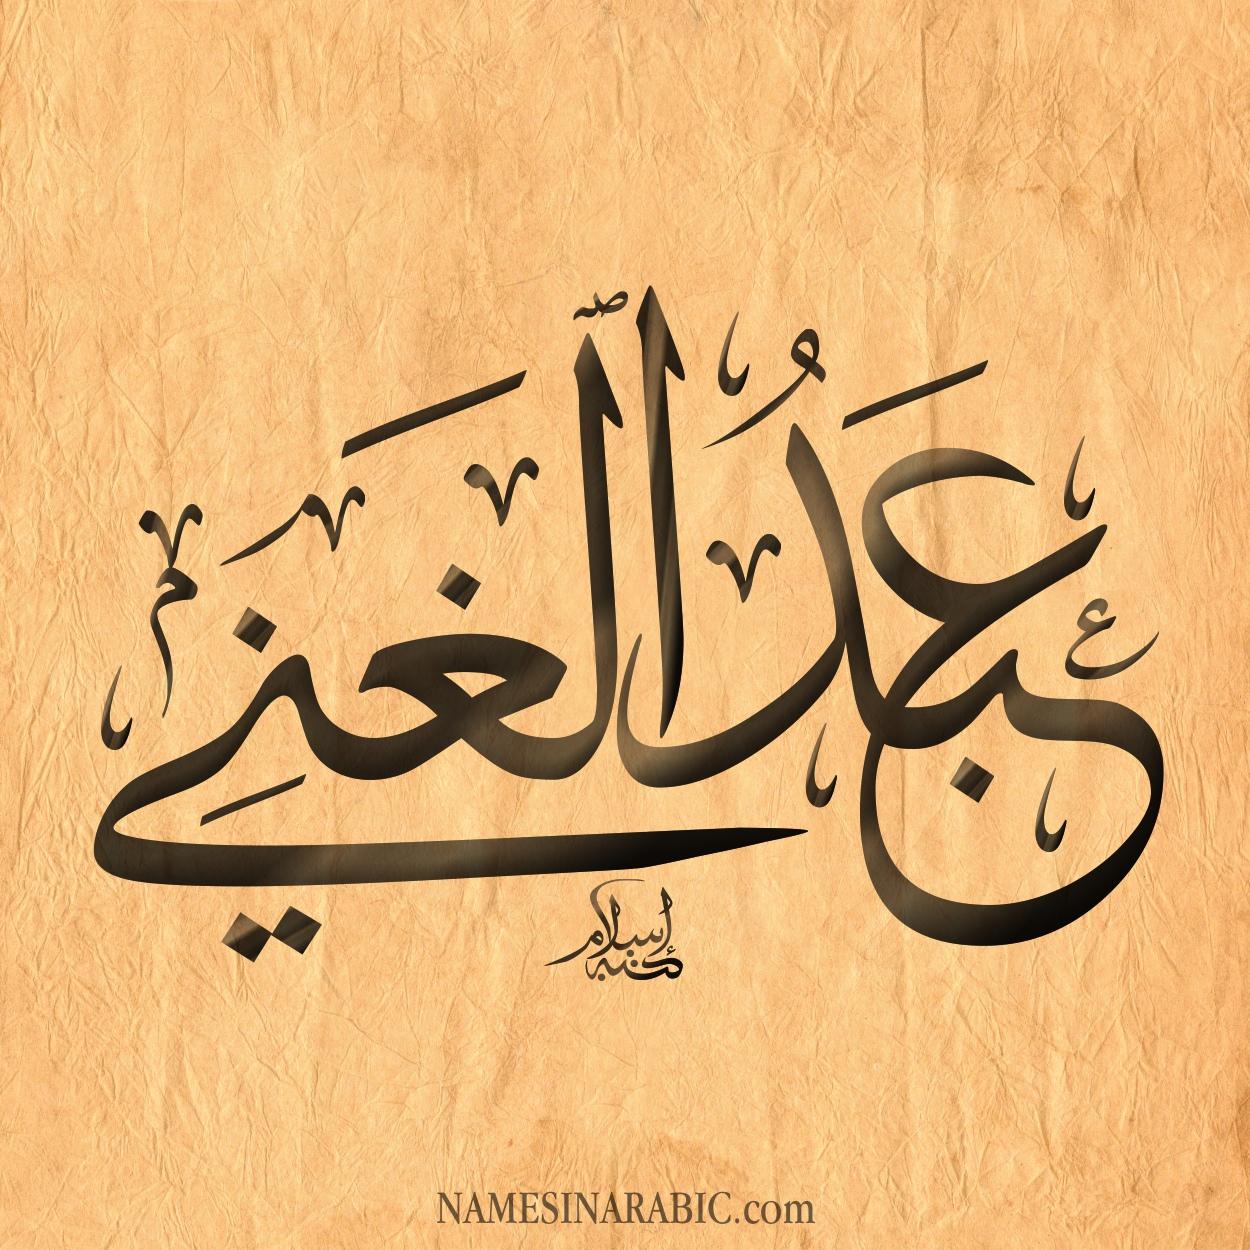 معنى اسم عبد في العربي عبد من افضل gf539a5 - gfcef.com